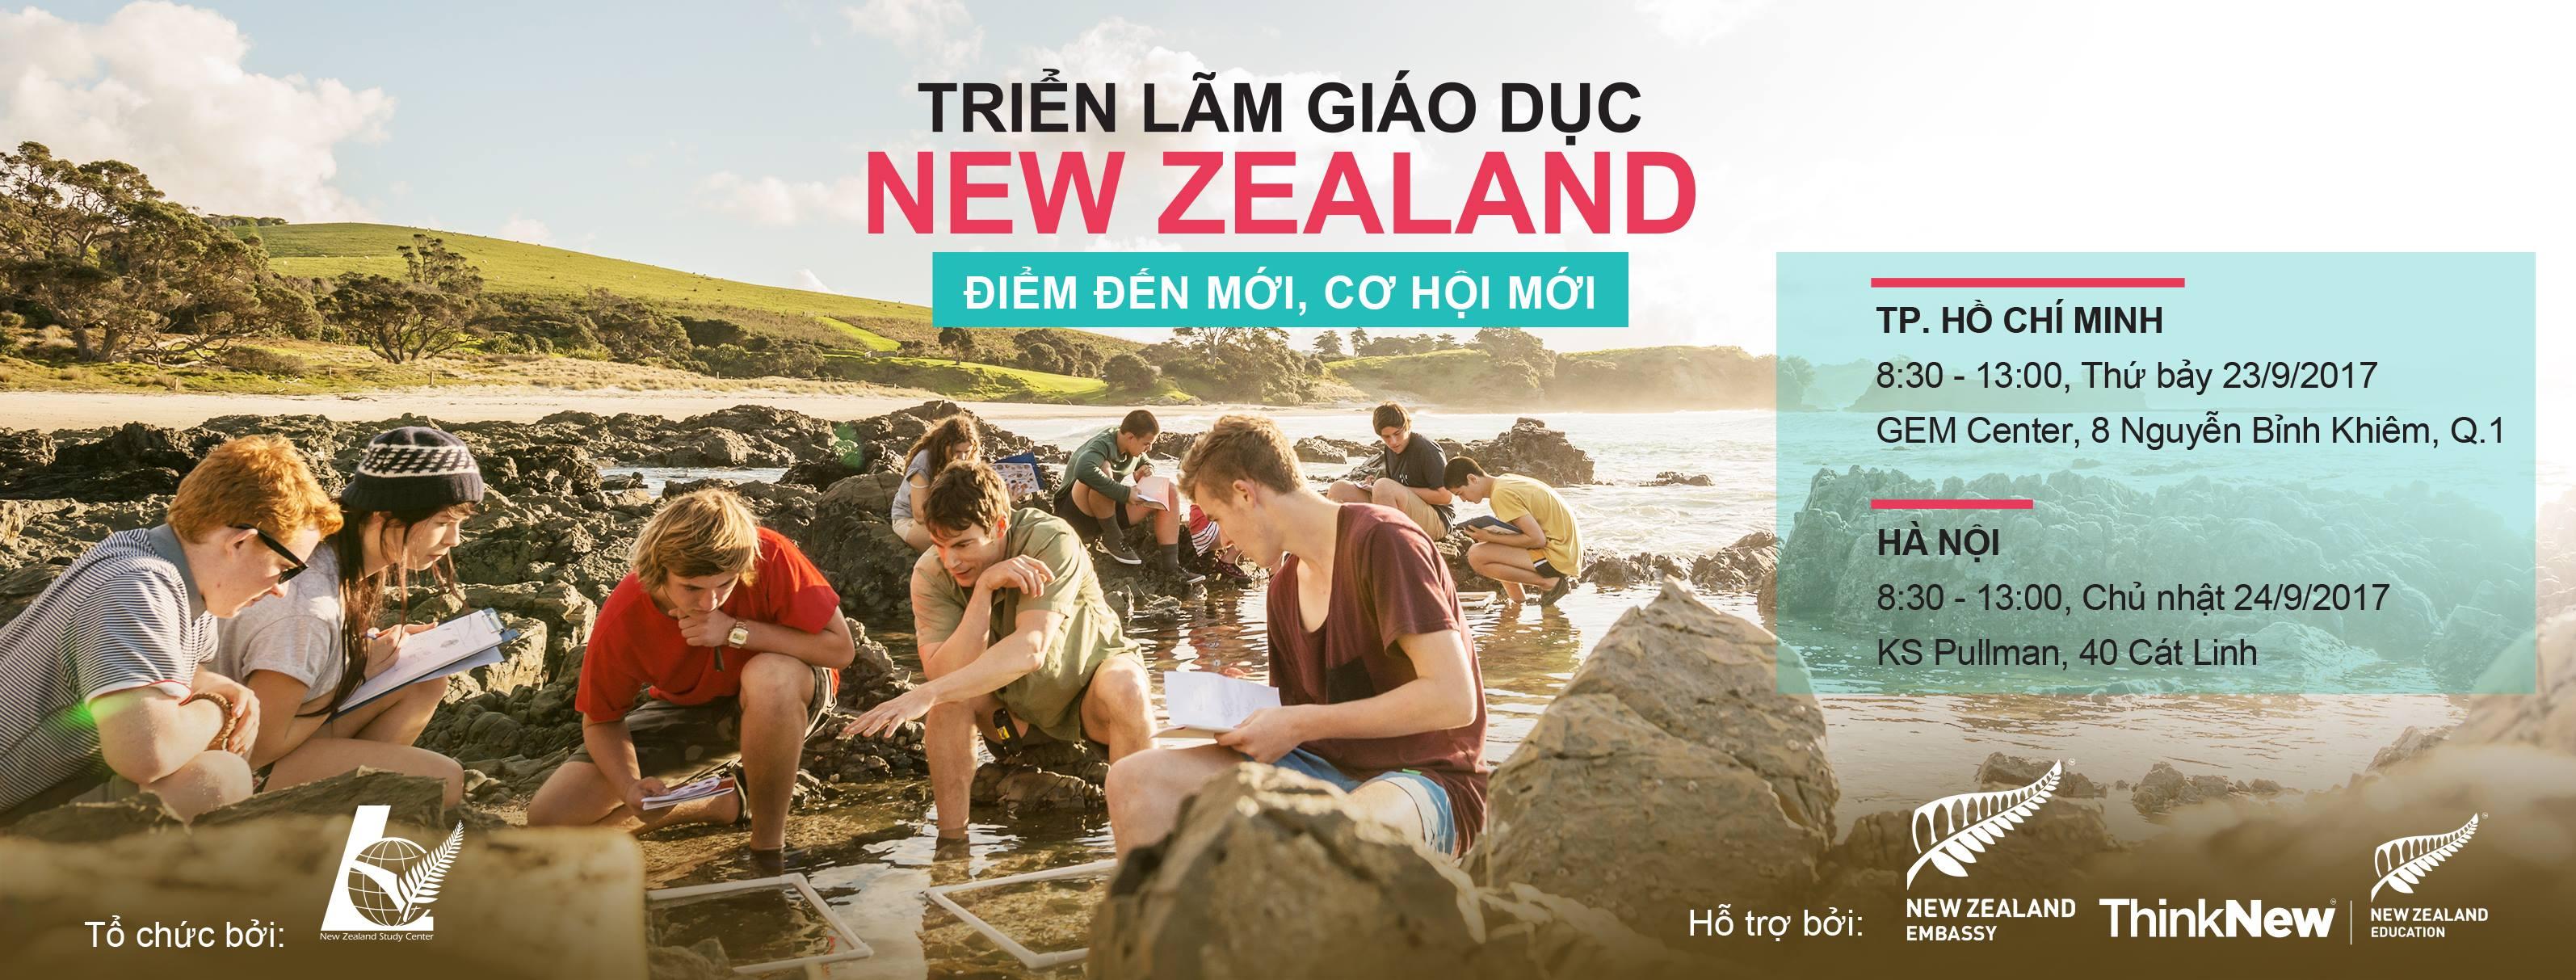 Triễn lãm Giáo dục New Zealand tháng 9 2017